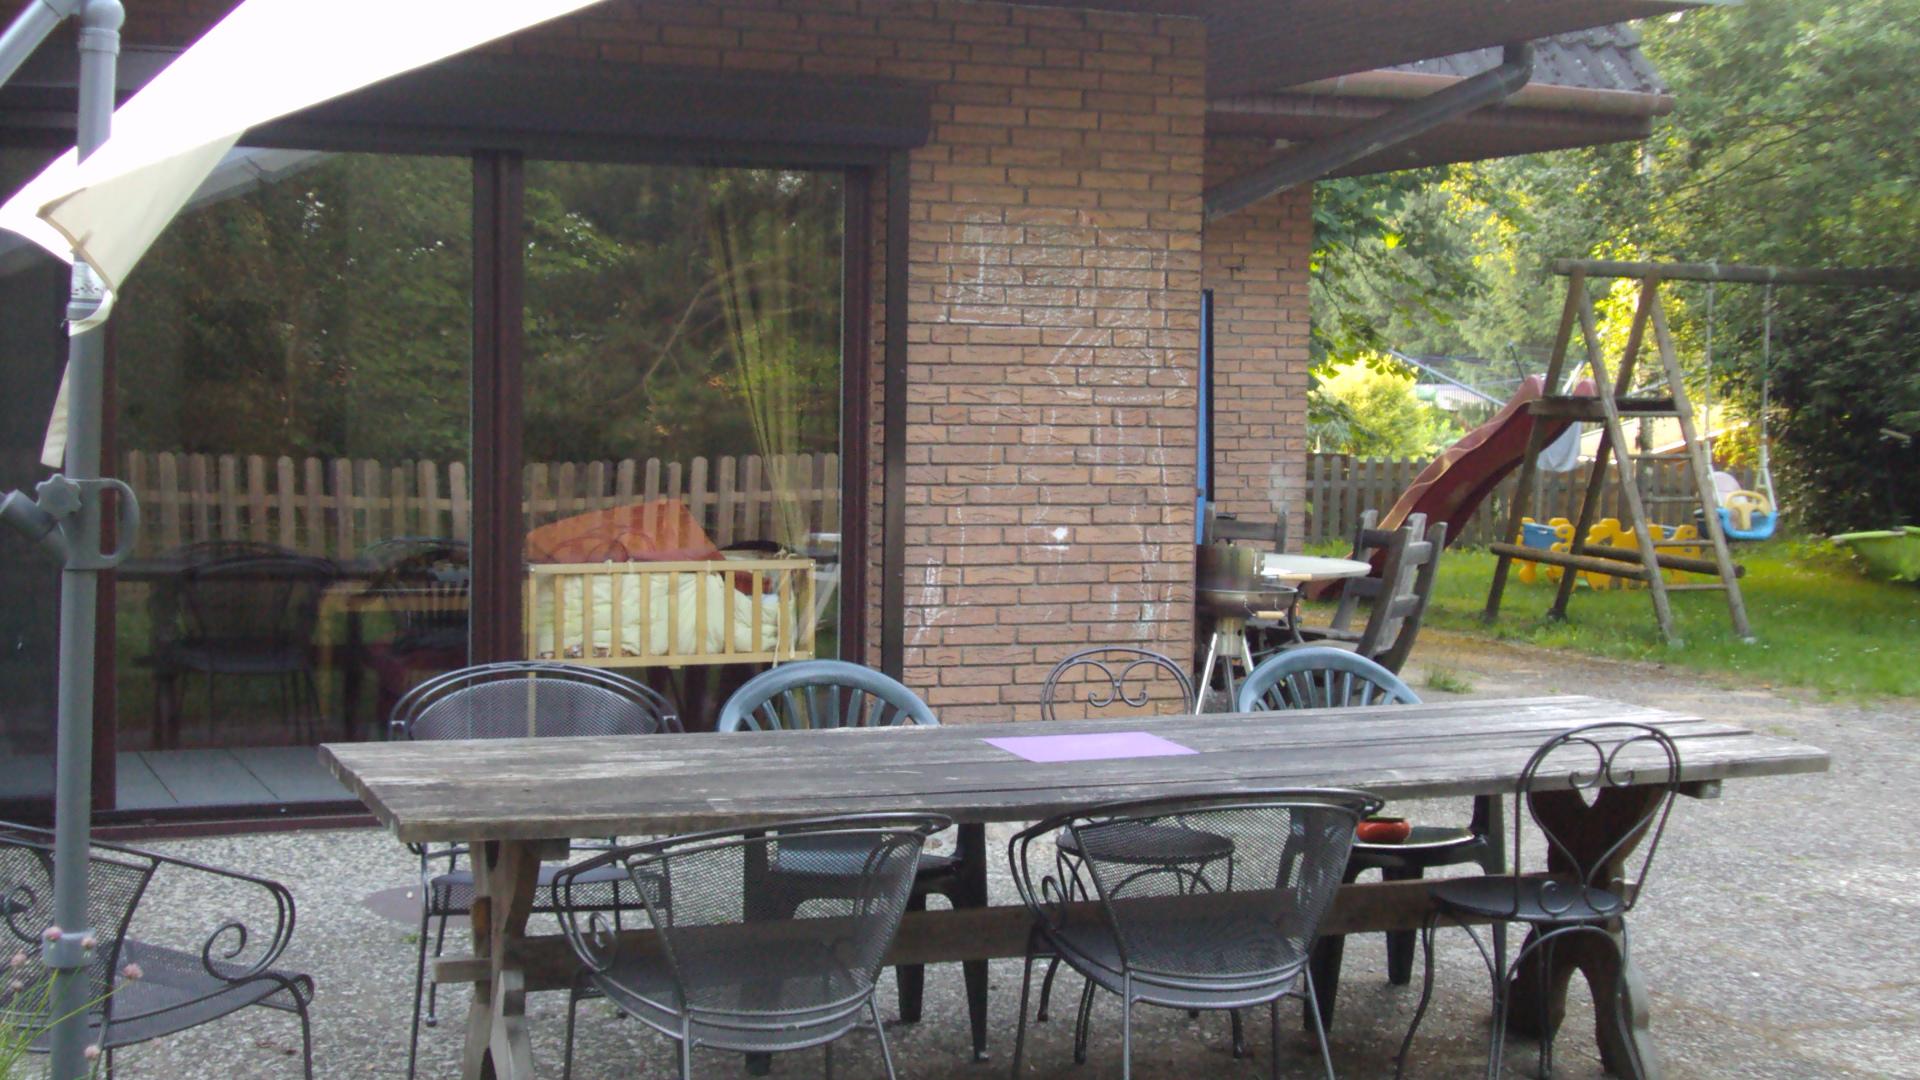 Outdoor Küche Kinder : Outdoor küche kinder bauen küche gemauert modern ikea utrusta